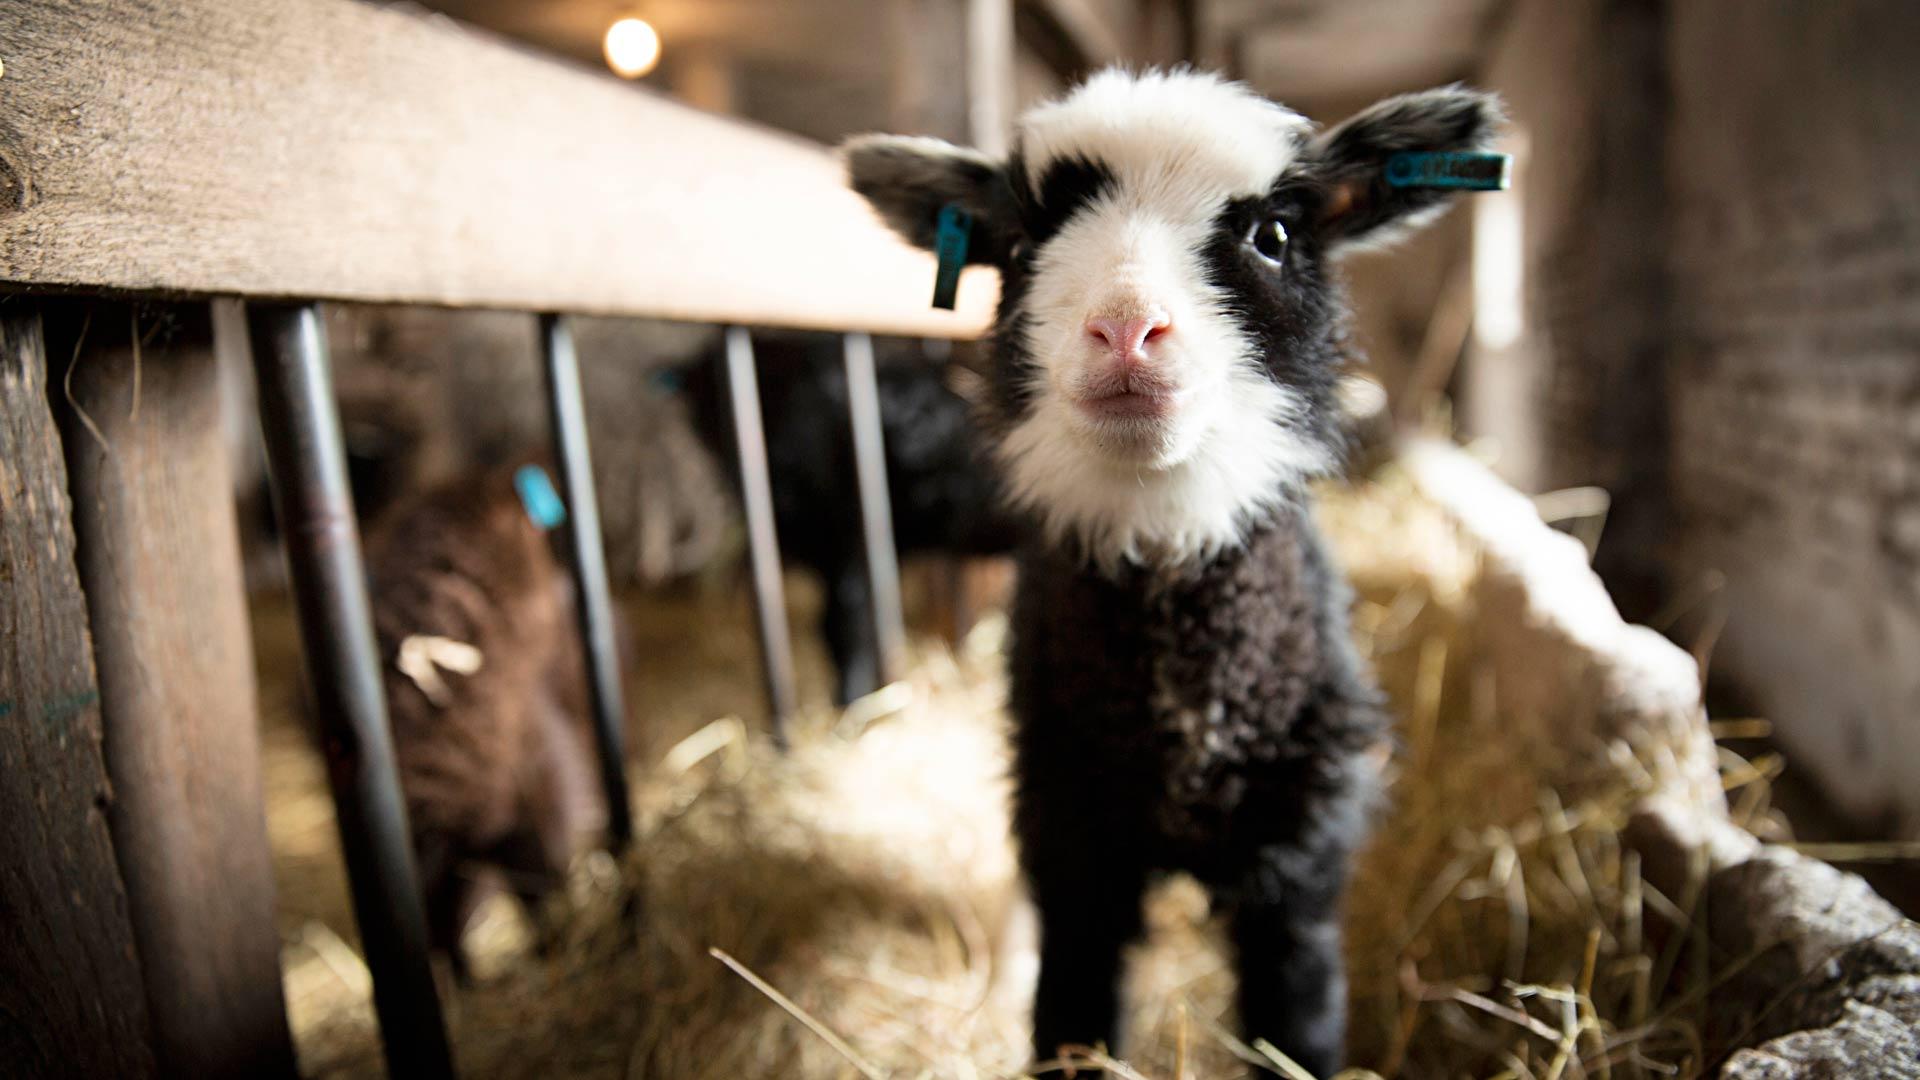 Kainuunharmas on lammasrotuna eloisa ja sosiaalinen. Ihmisten ahkerasti käsittelemät karitsat ovat luottavaisia ja tulevat mielellään nuuhkimaan.